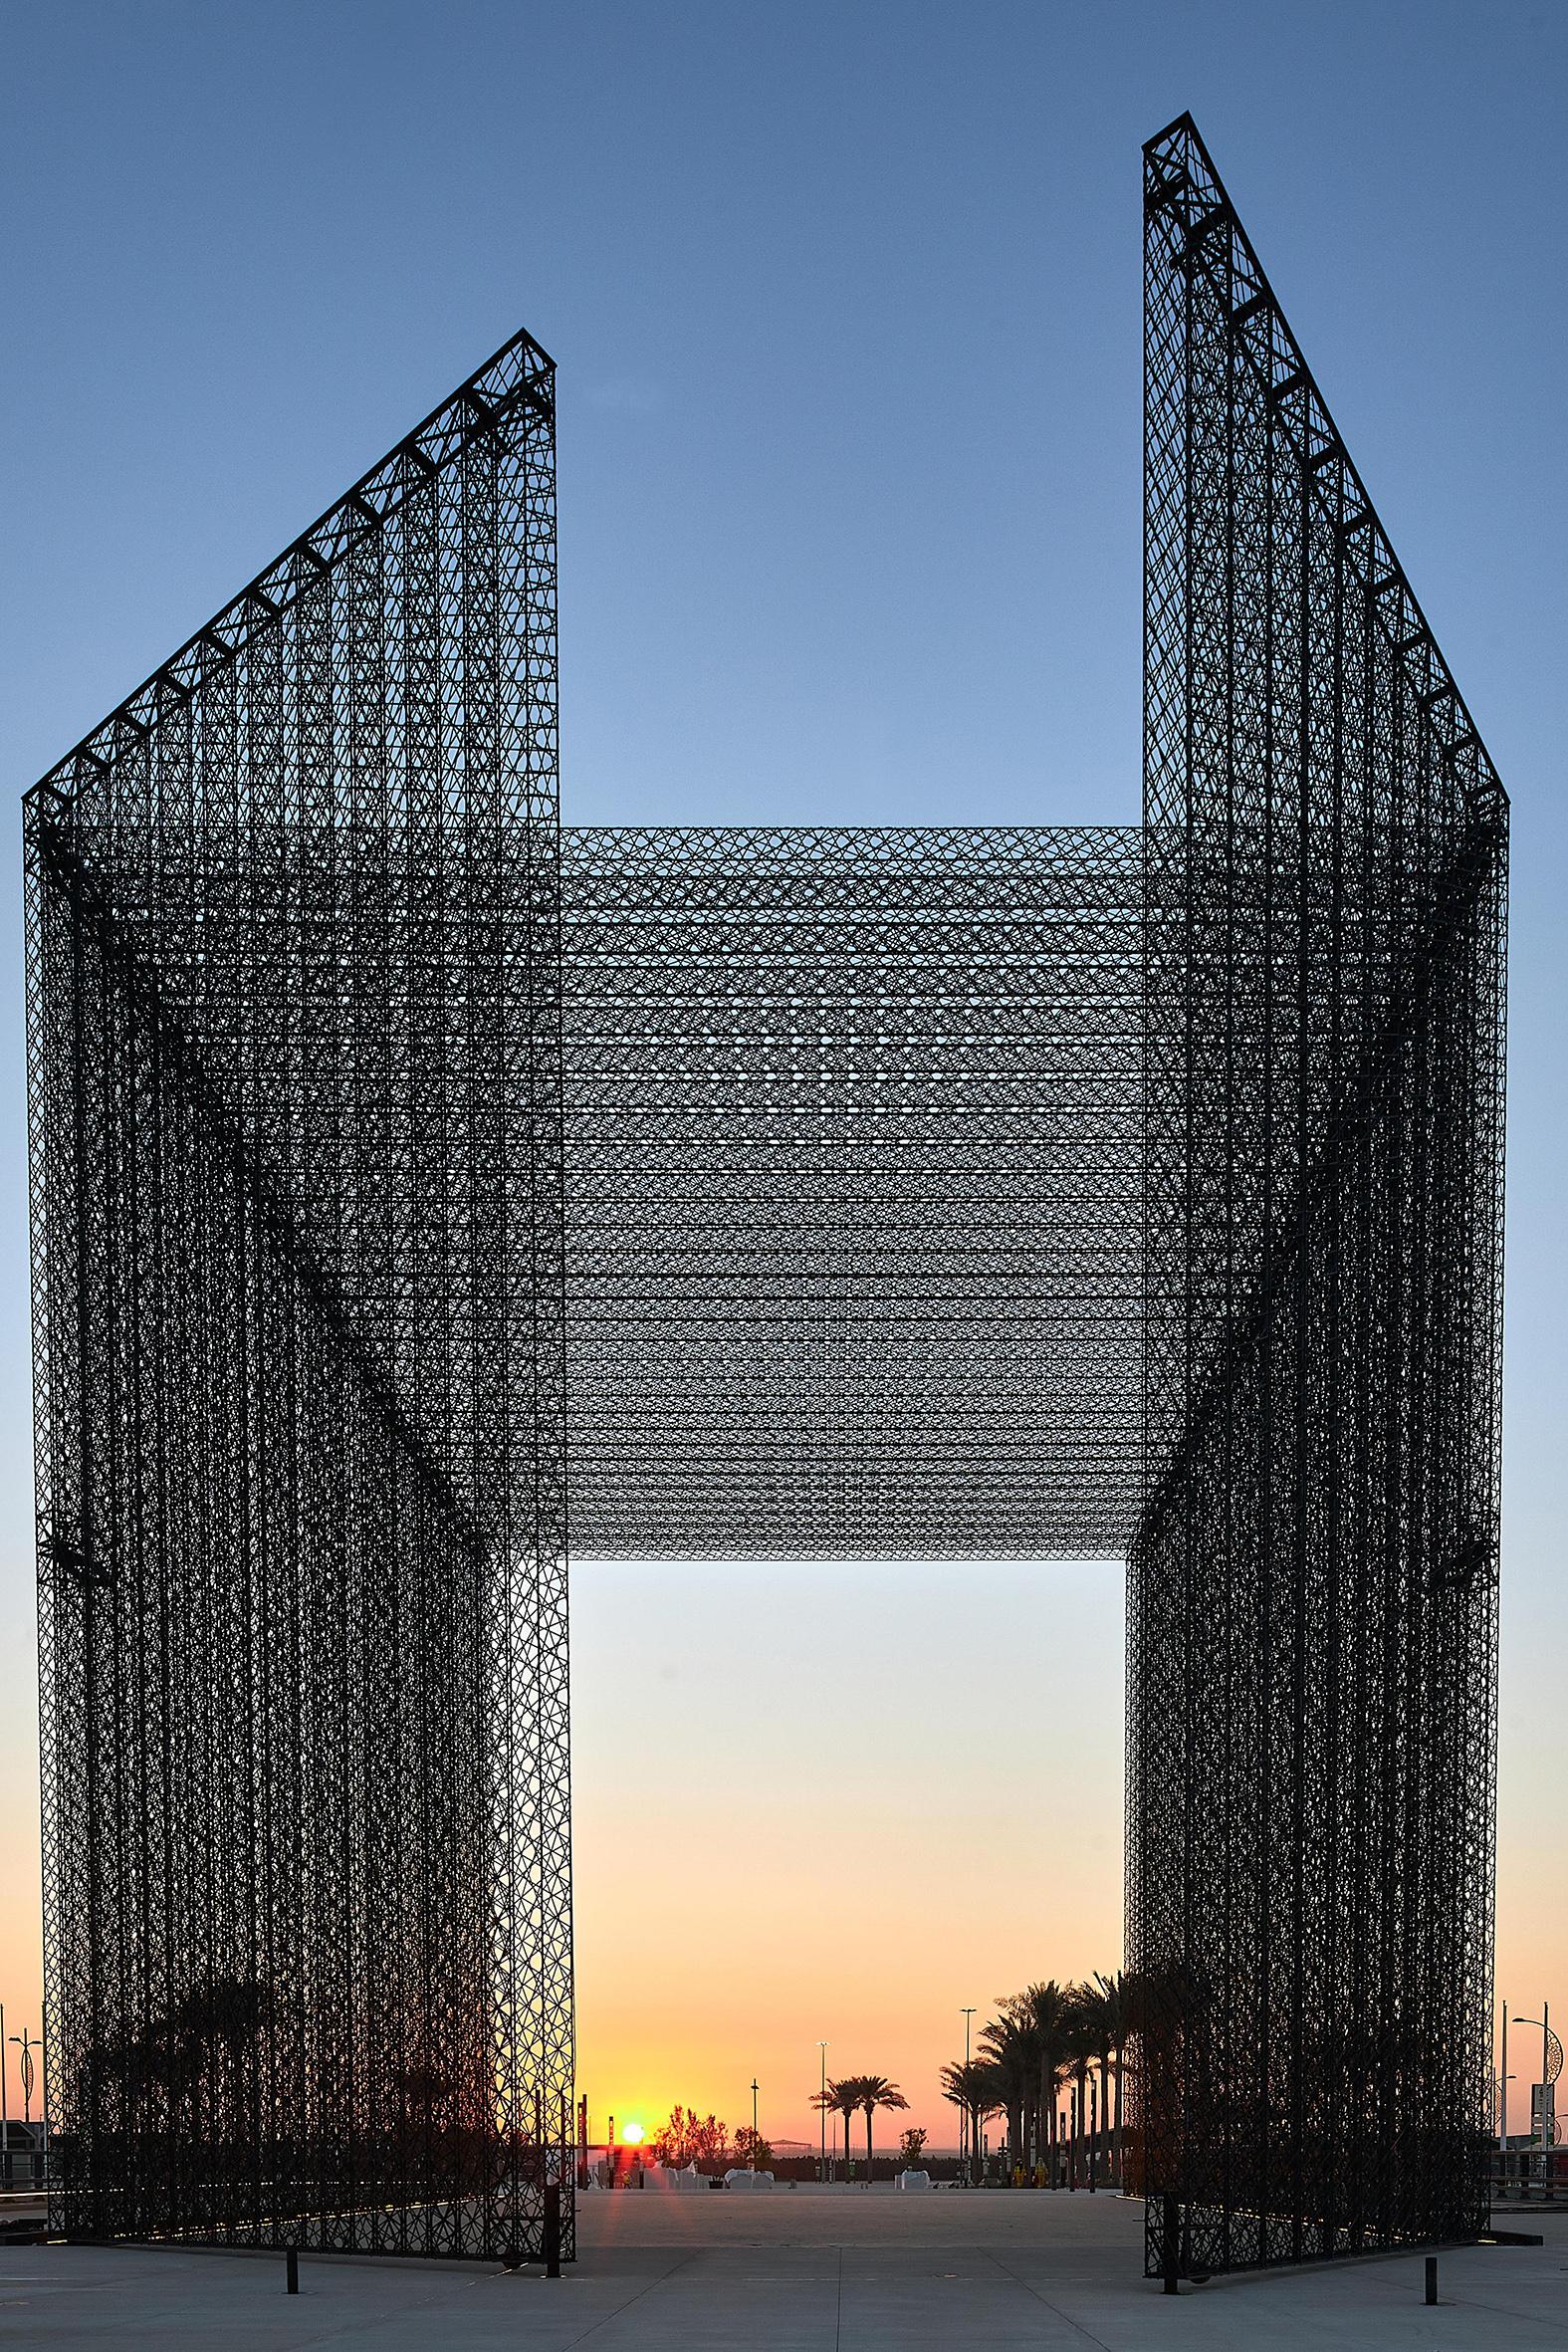 expo 2020 - expo entry portal